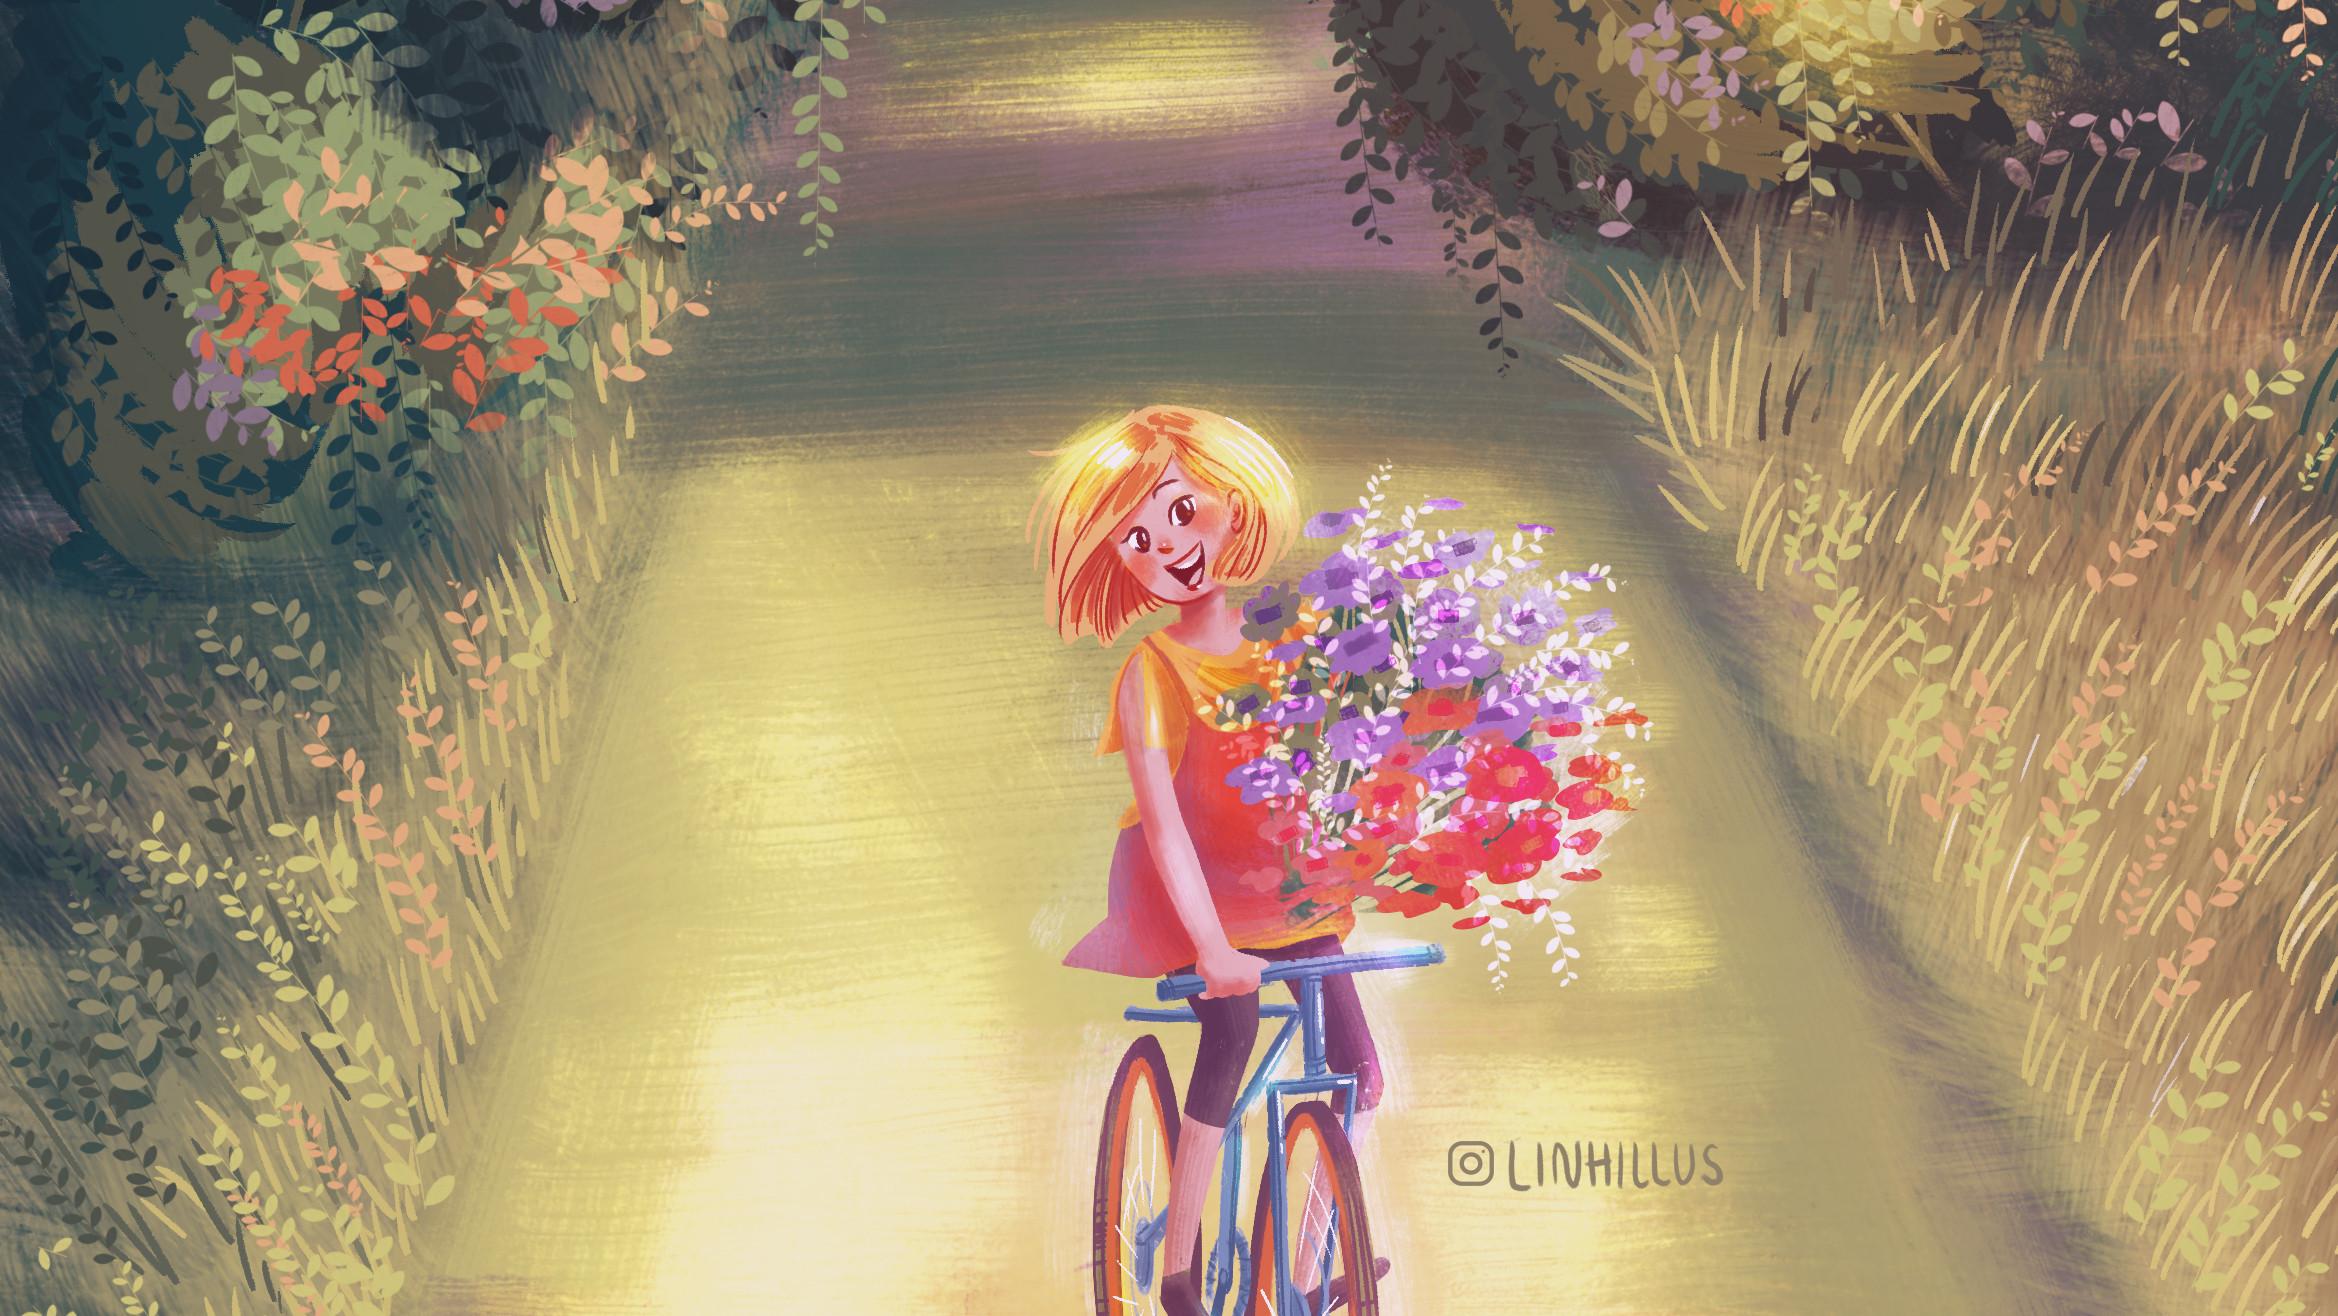 A girl who bikes.